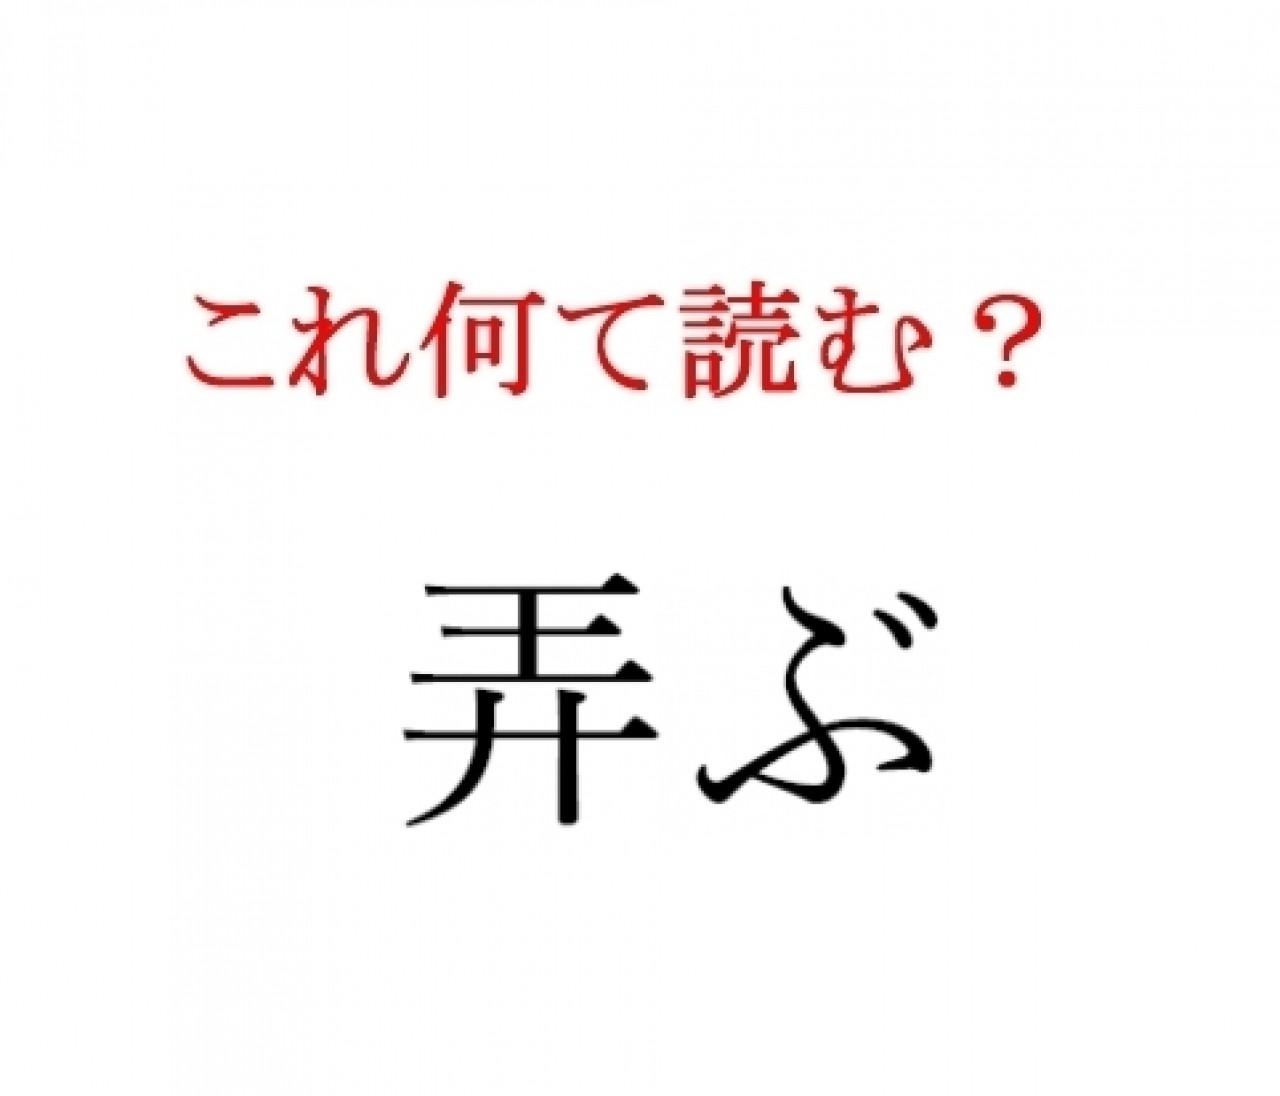 「弄ぶ」:この漢字、自信を持って読めますか?【働く大人の漢字クイズvol.8】